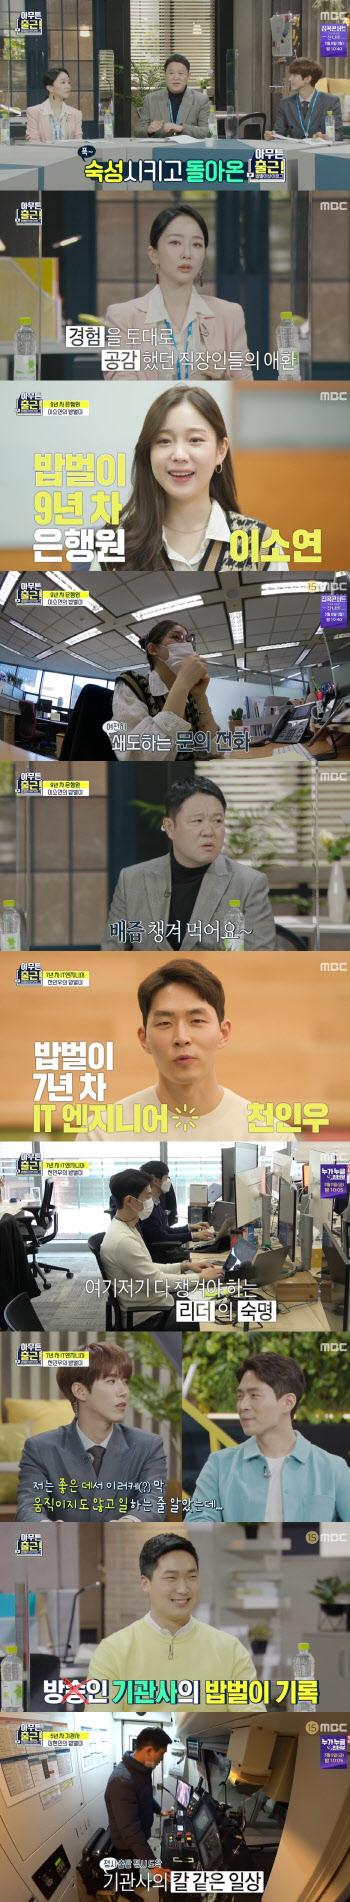 '아무튼 출근!' 첫회 최고 6%…이소연→천인우 3人3色 일상 공감